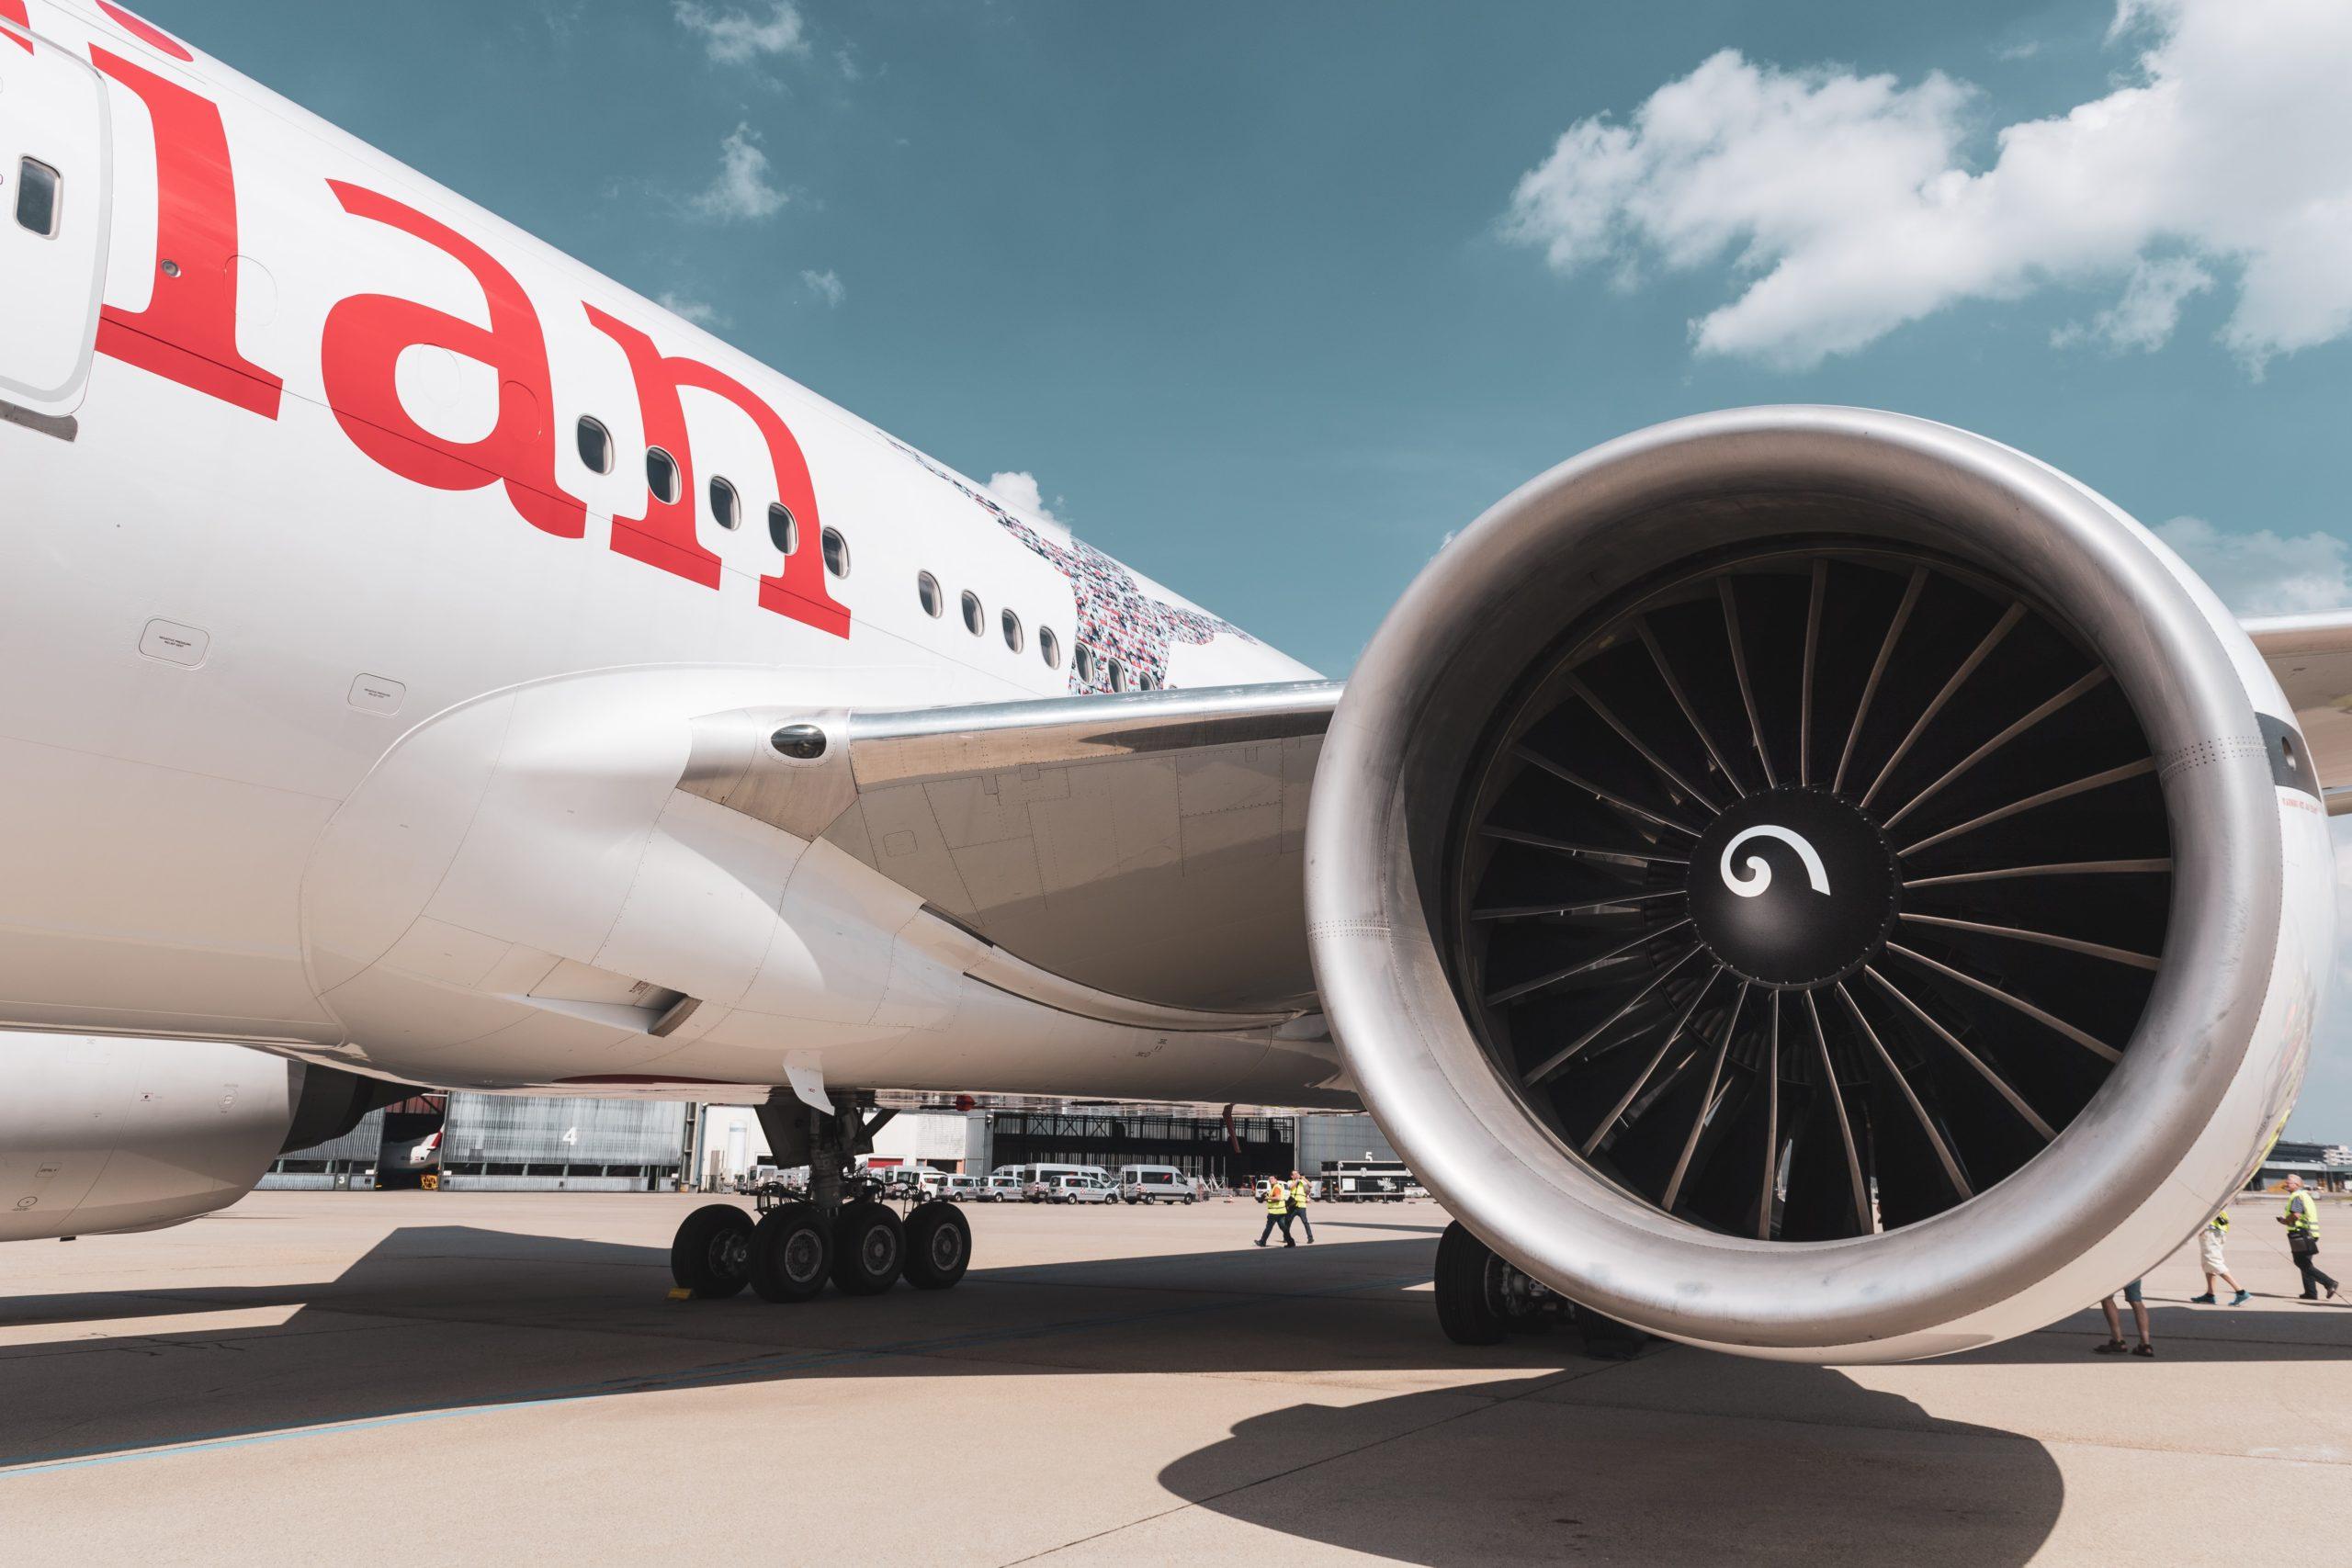 Samoloty to najbardziej nieekologiczny środek transportu. Jak go unikać?